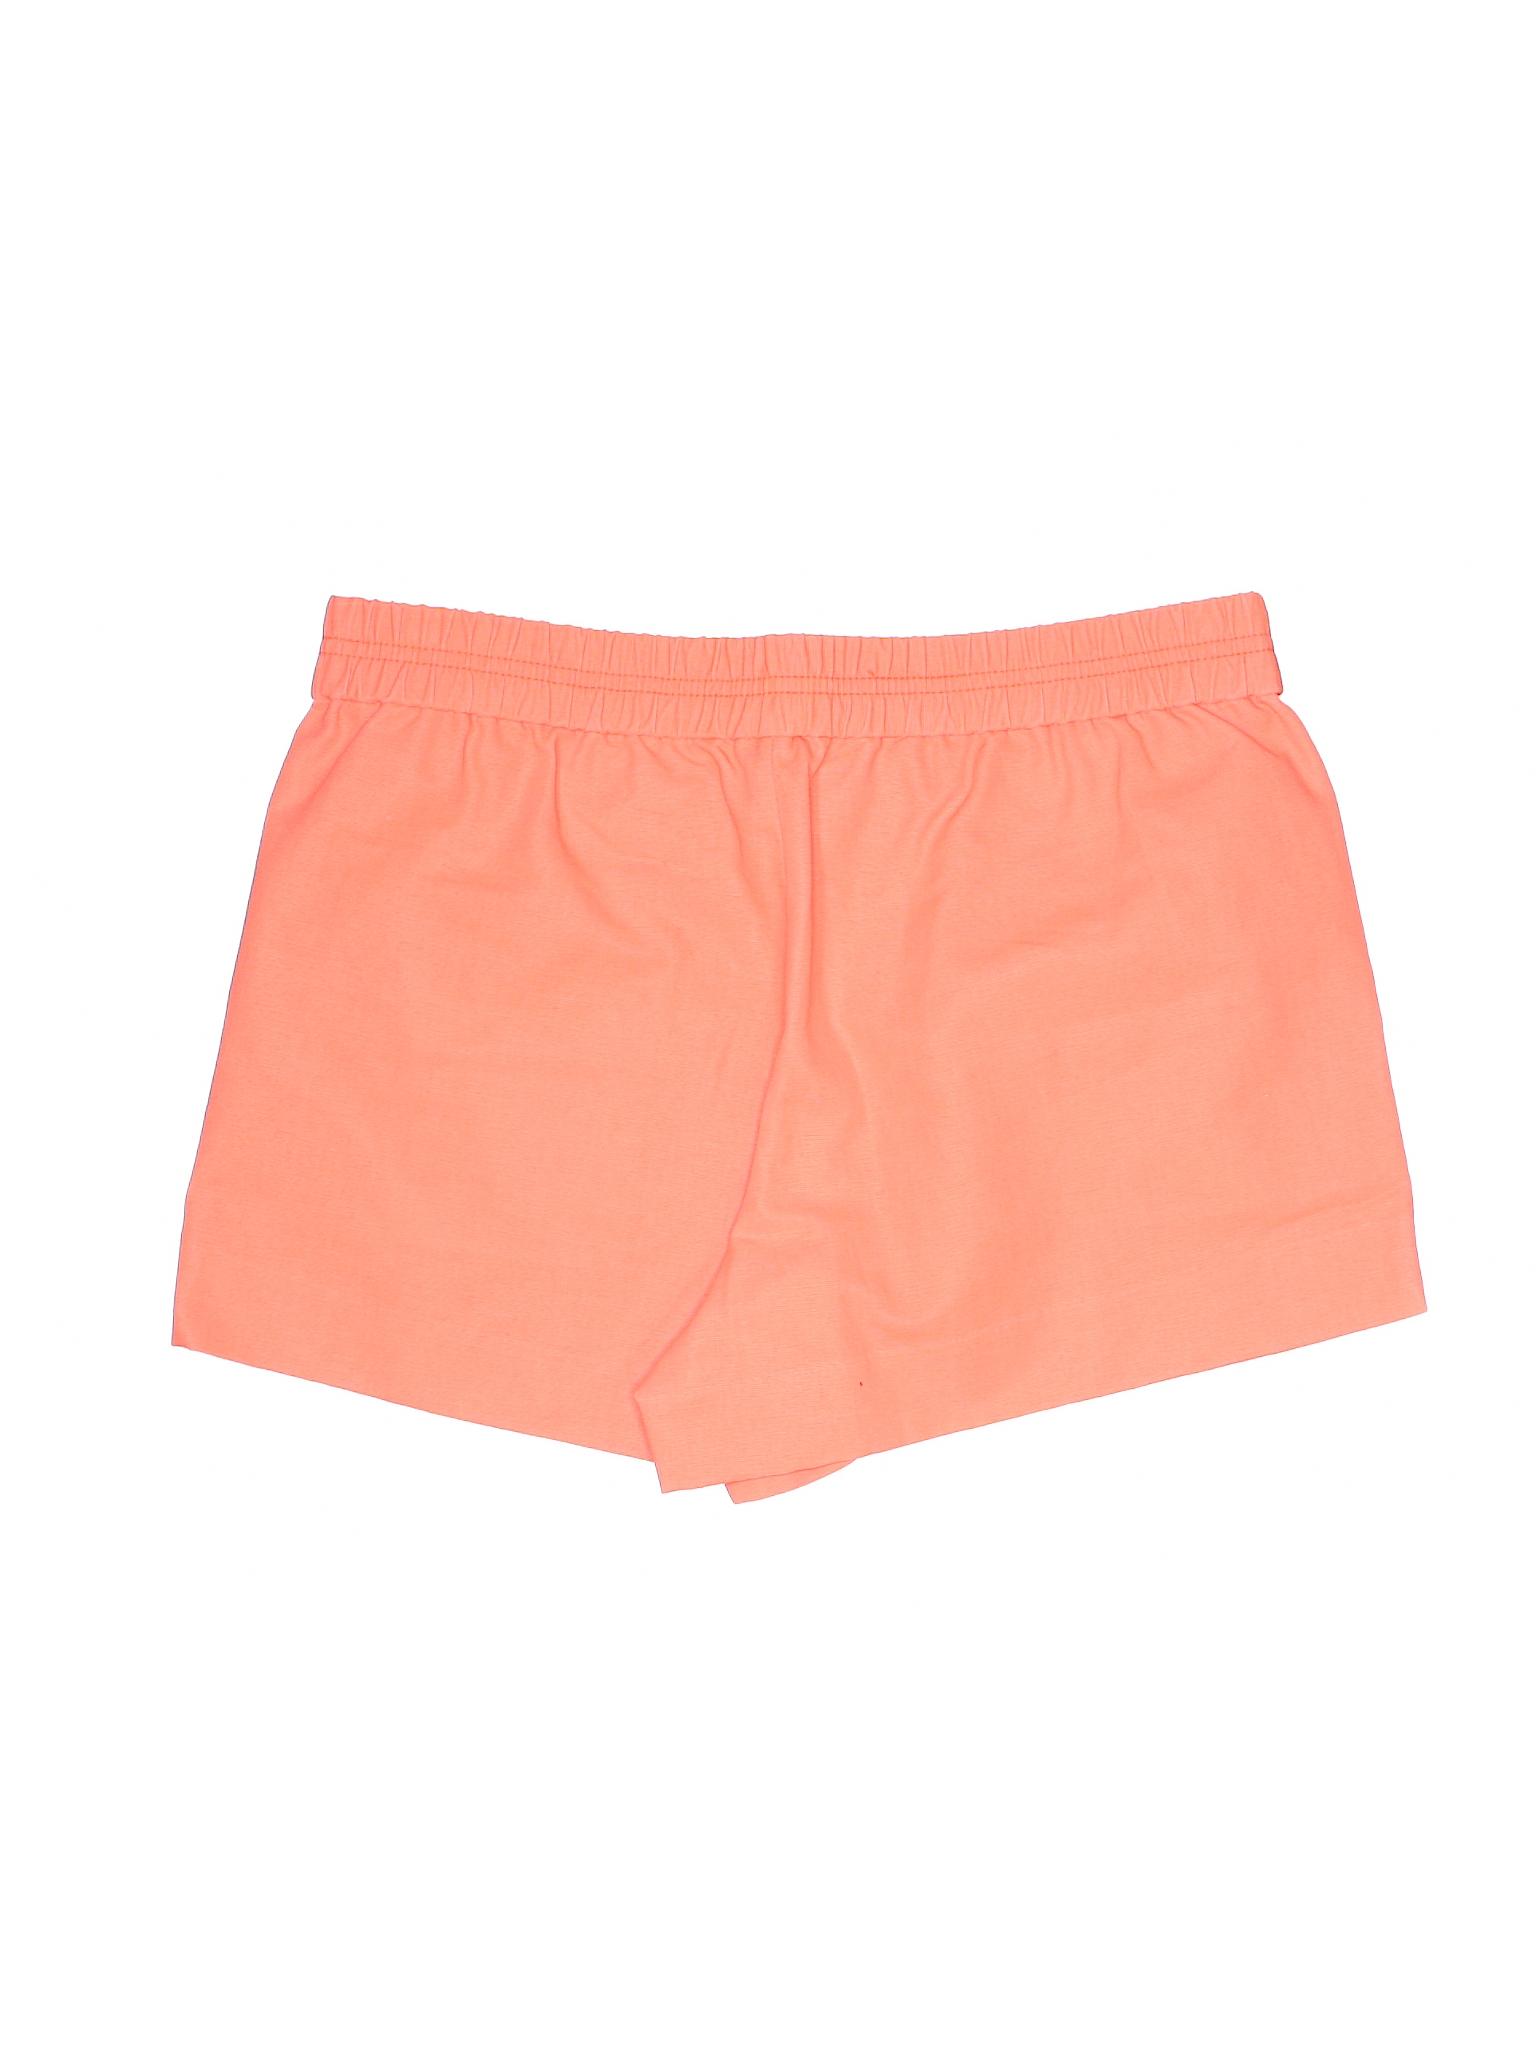 Crew J Boutique Boutique J Shorts aqz1wt0